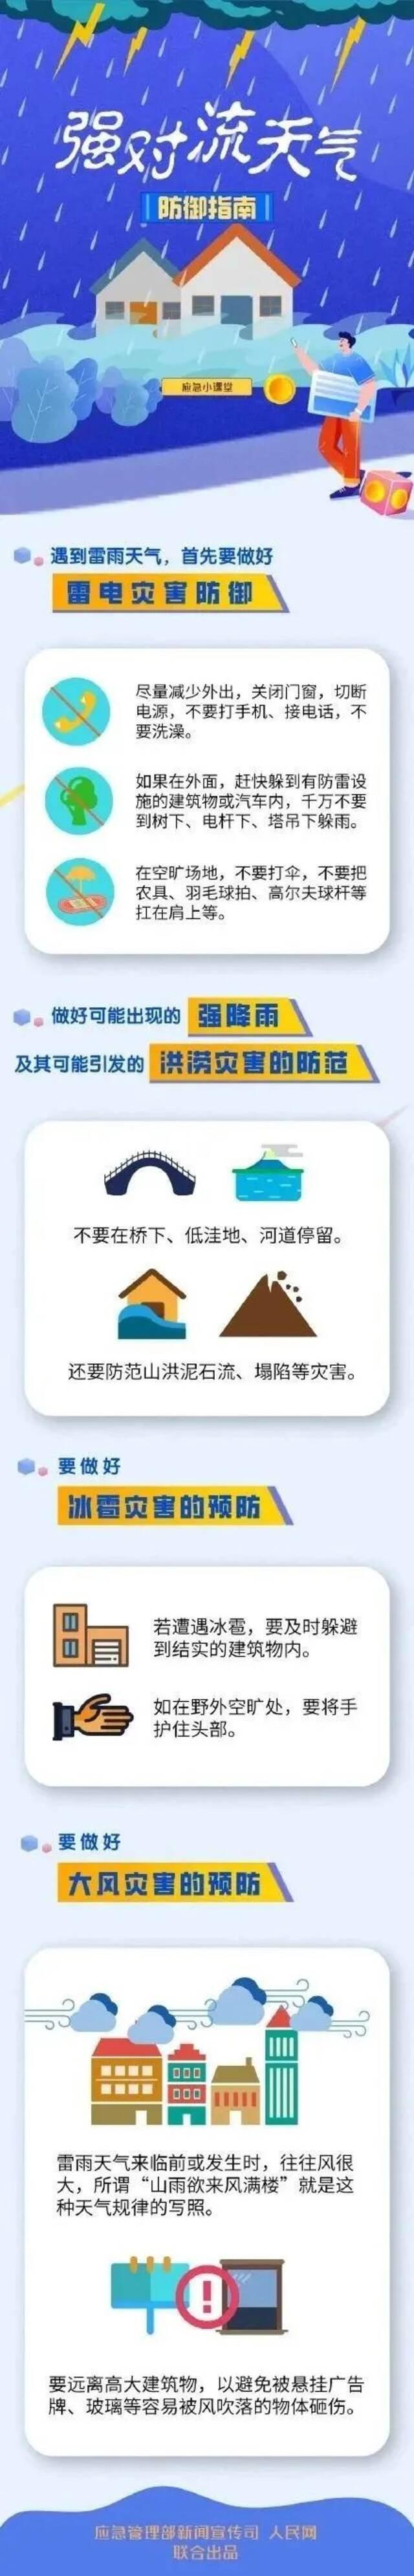 """""""又双叒""""来!浙江再迎强降雨、强对流,好天气几时到?插图22"""